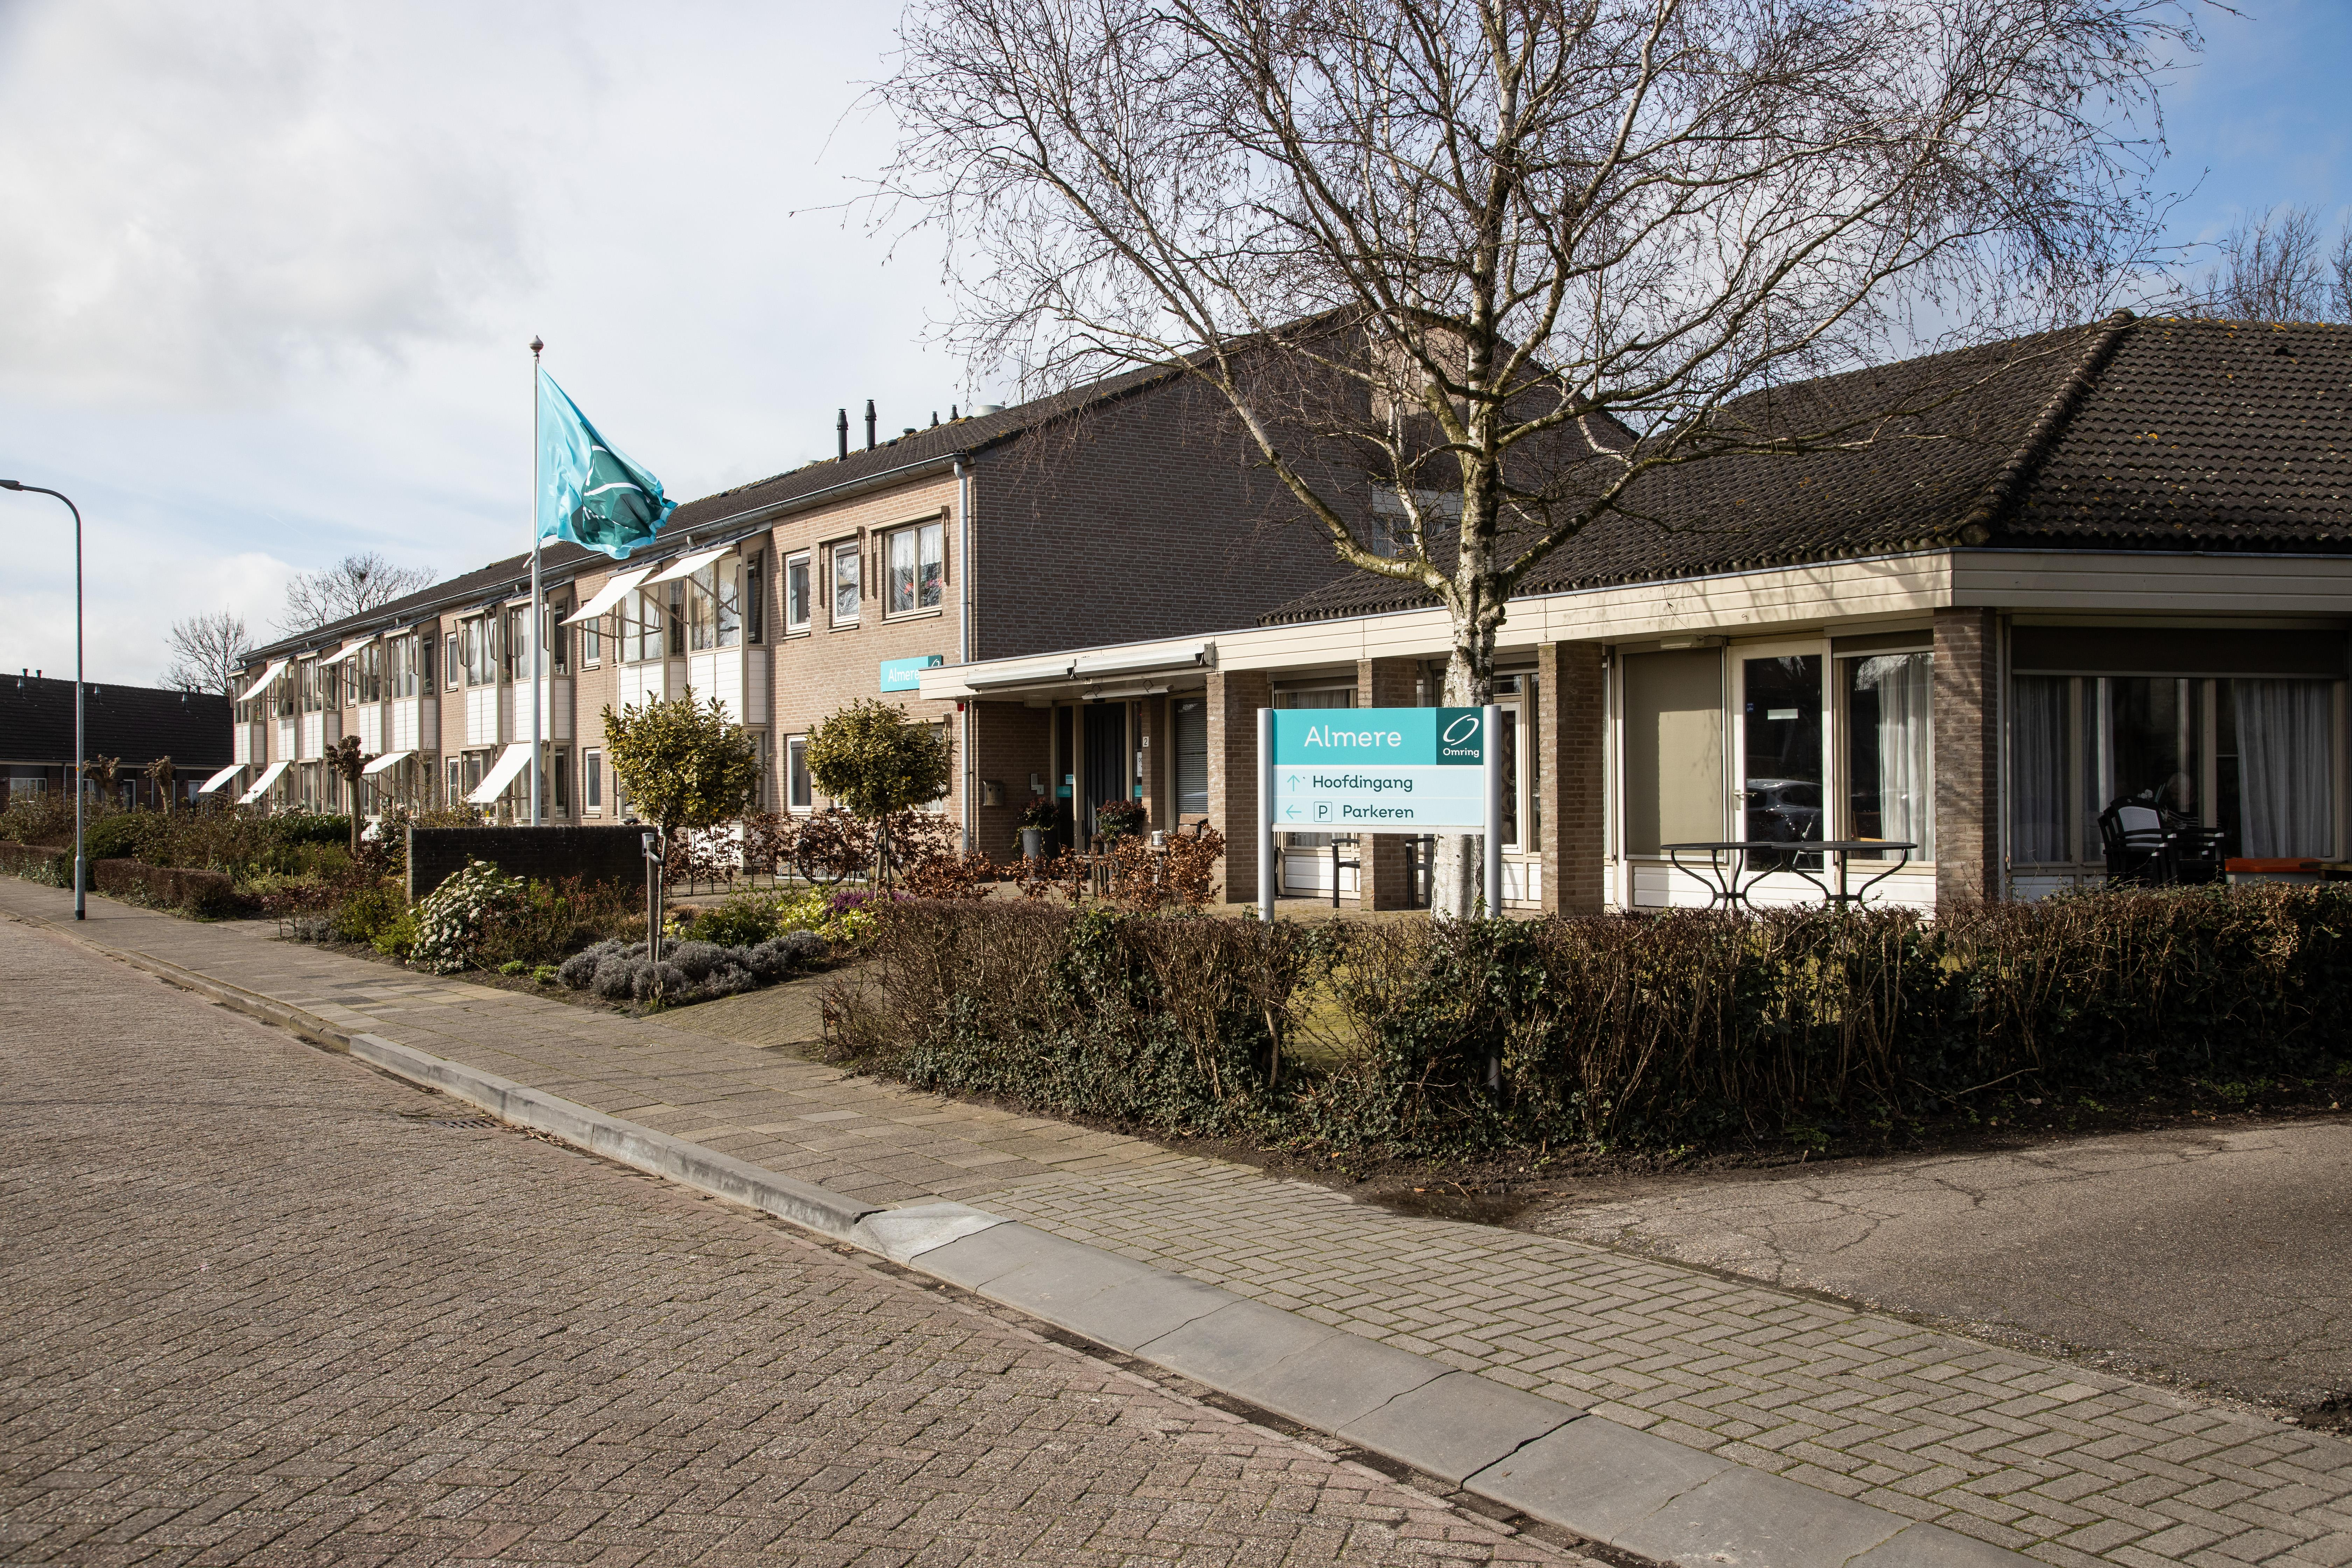 Na 32 jaar moet de donderdagmiddagbiljartclub een andere plek zoeken in Opperdoes. Bij de 'oudjes' in zorgcentrum Almere komen ze waarschijnlijk niet meer terug